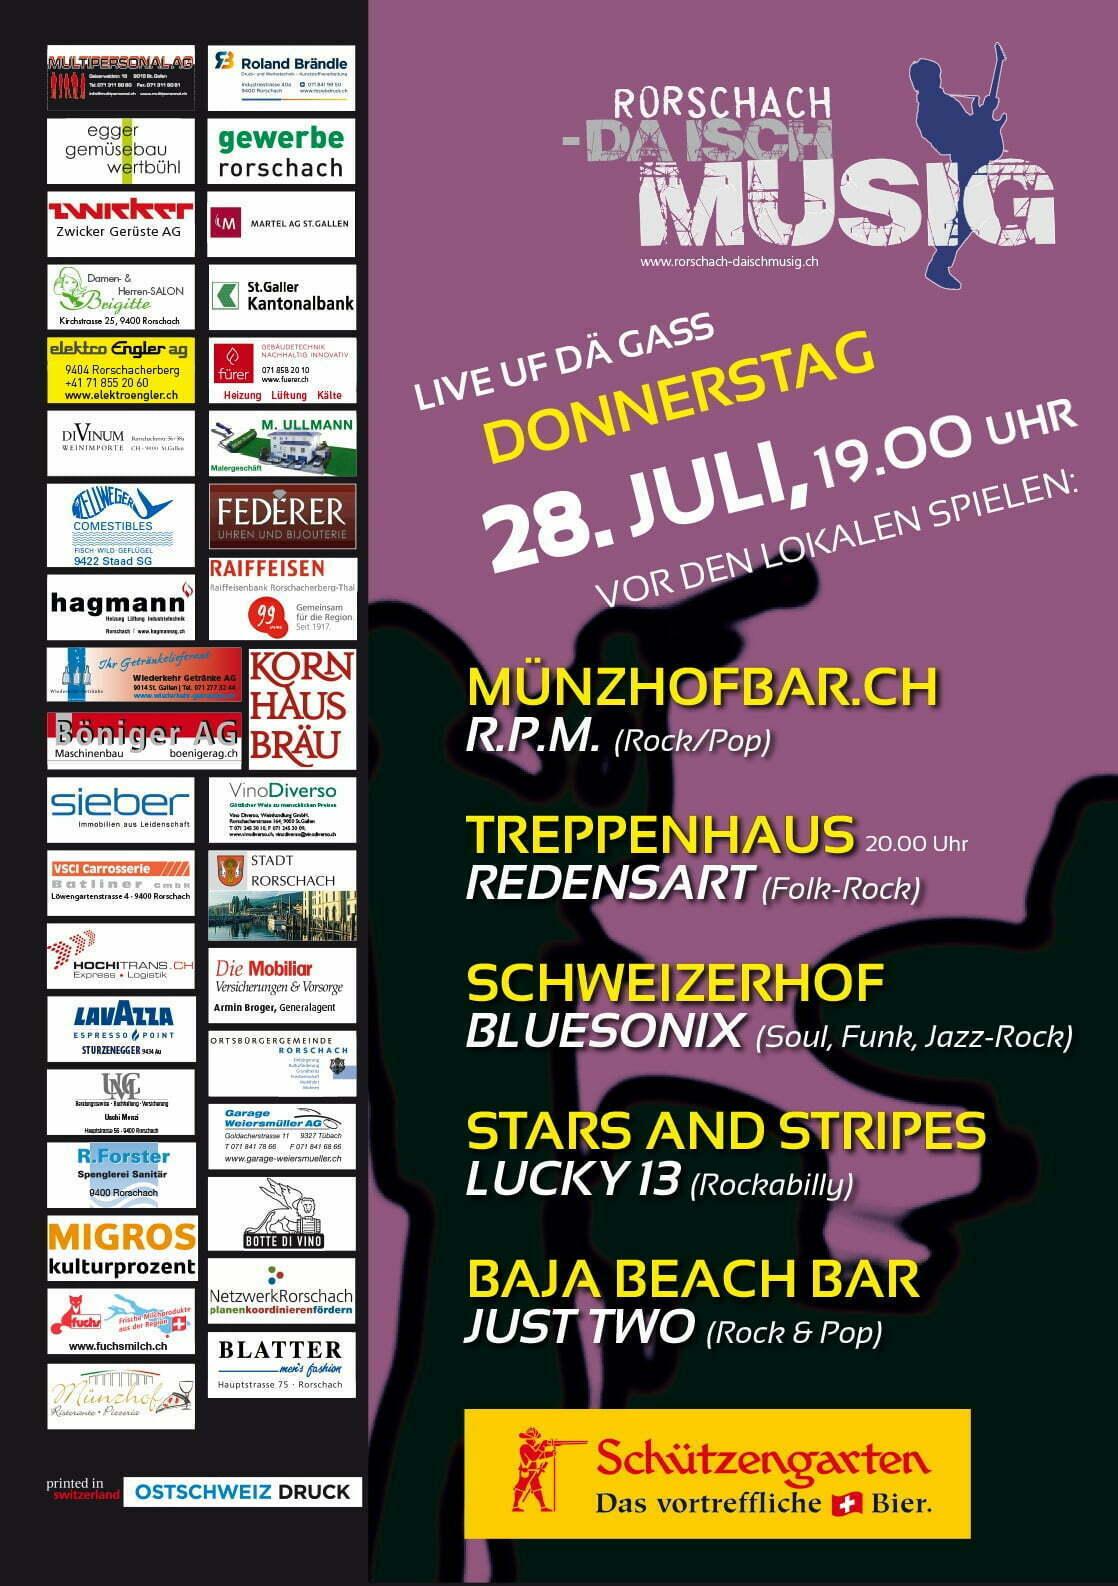 11-24Rorschach-da isch Musig Juli 2016 Plakat